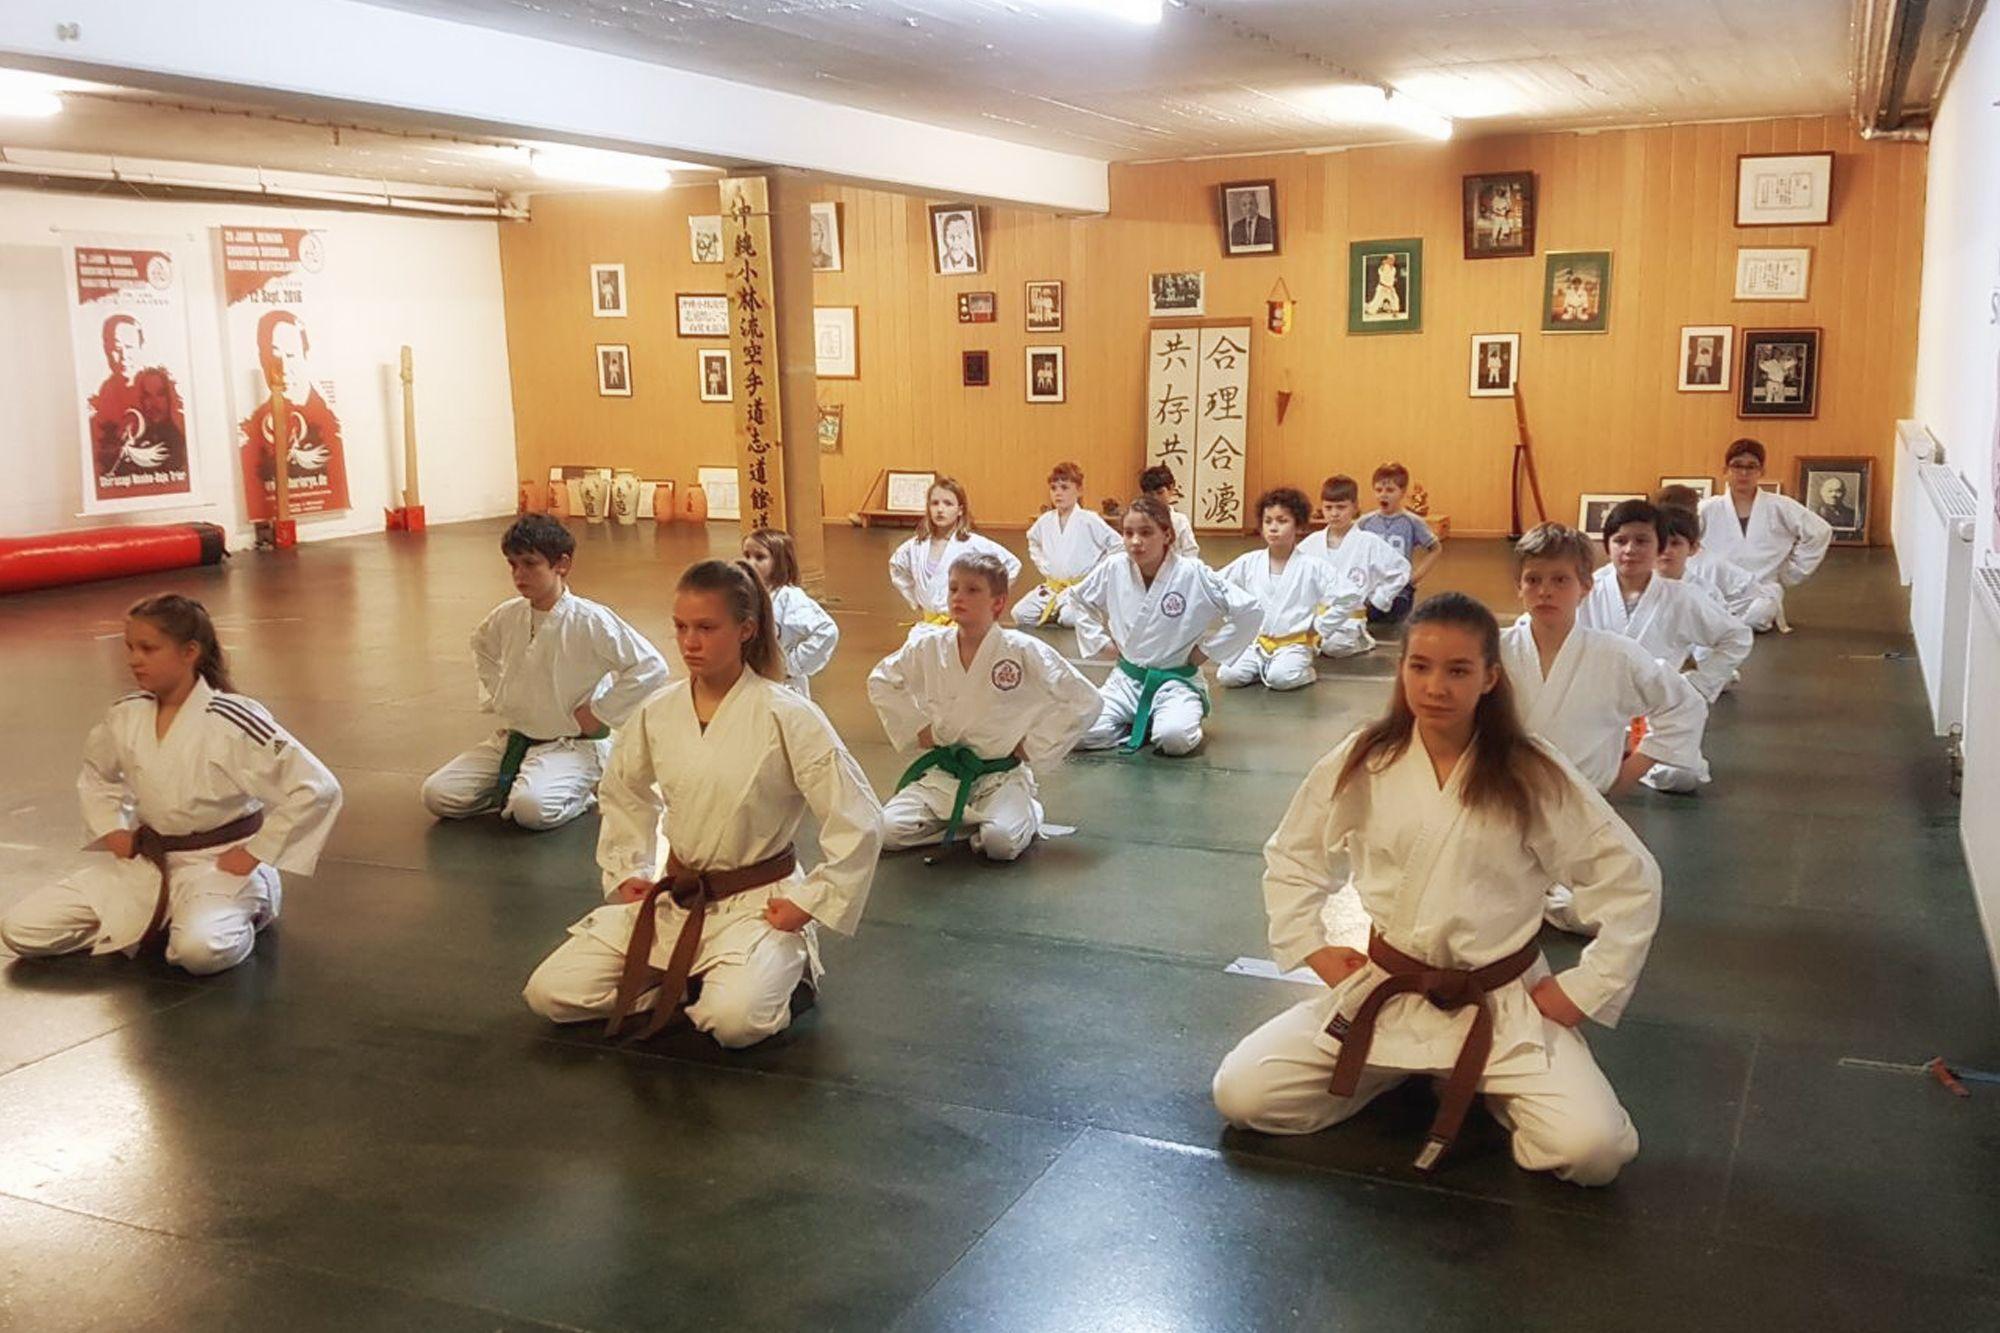 Okinawa Shorinryu Shidokan Karatedo english